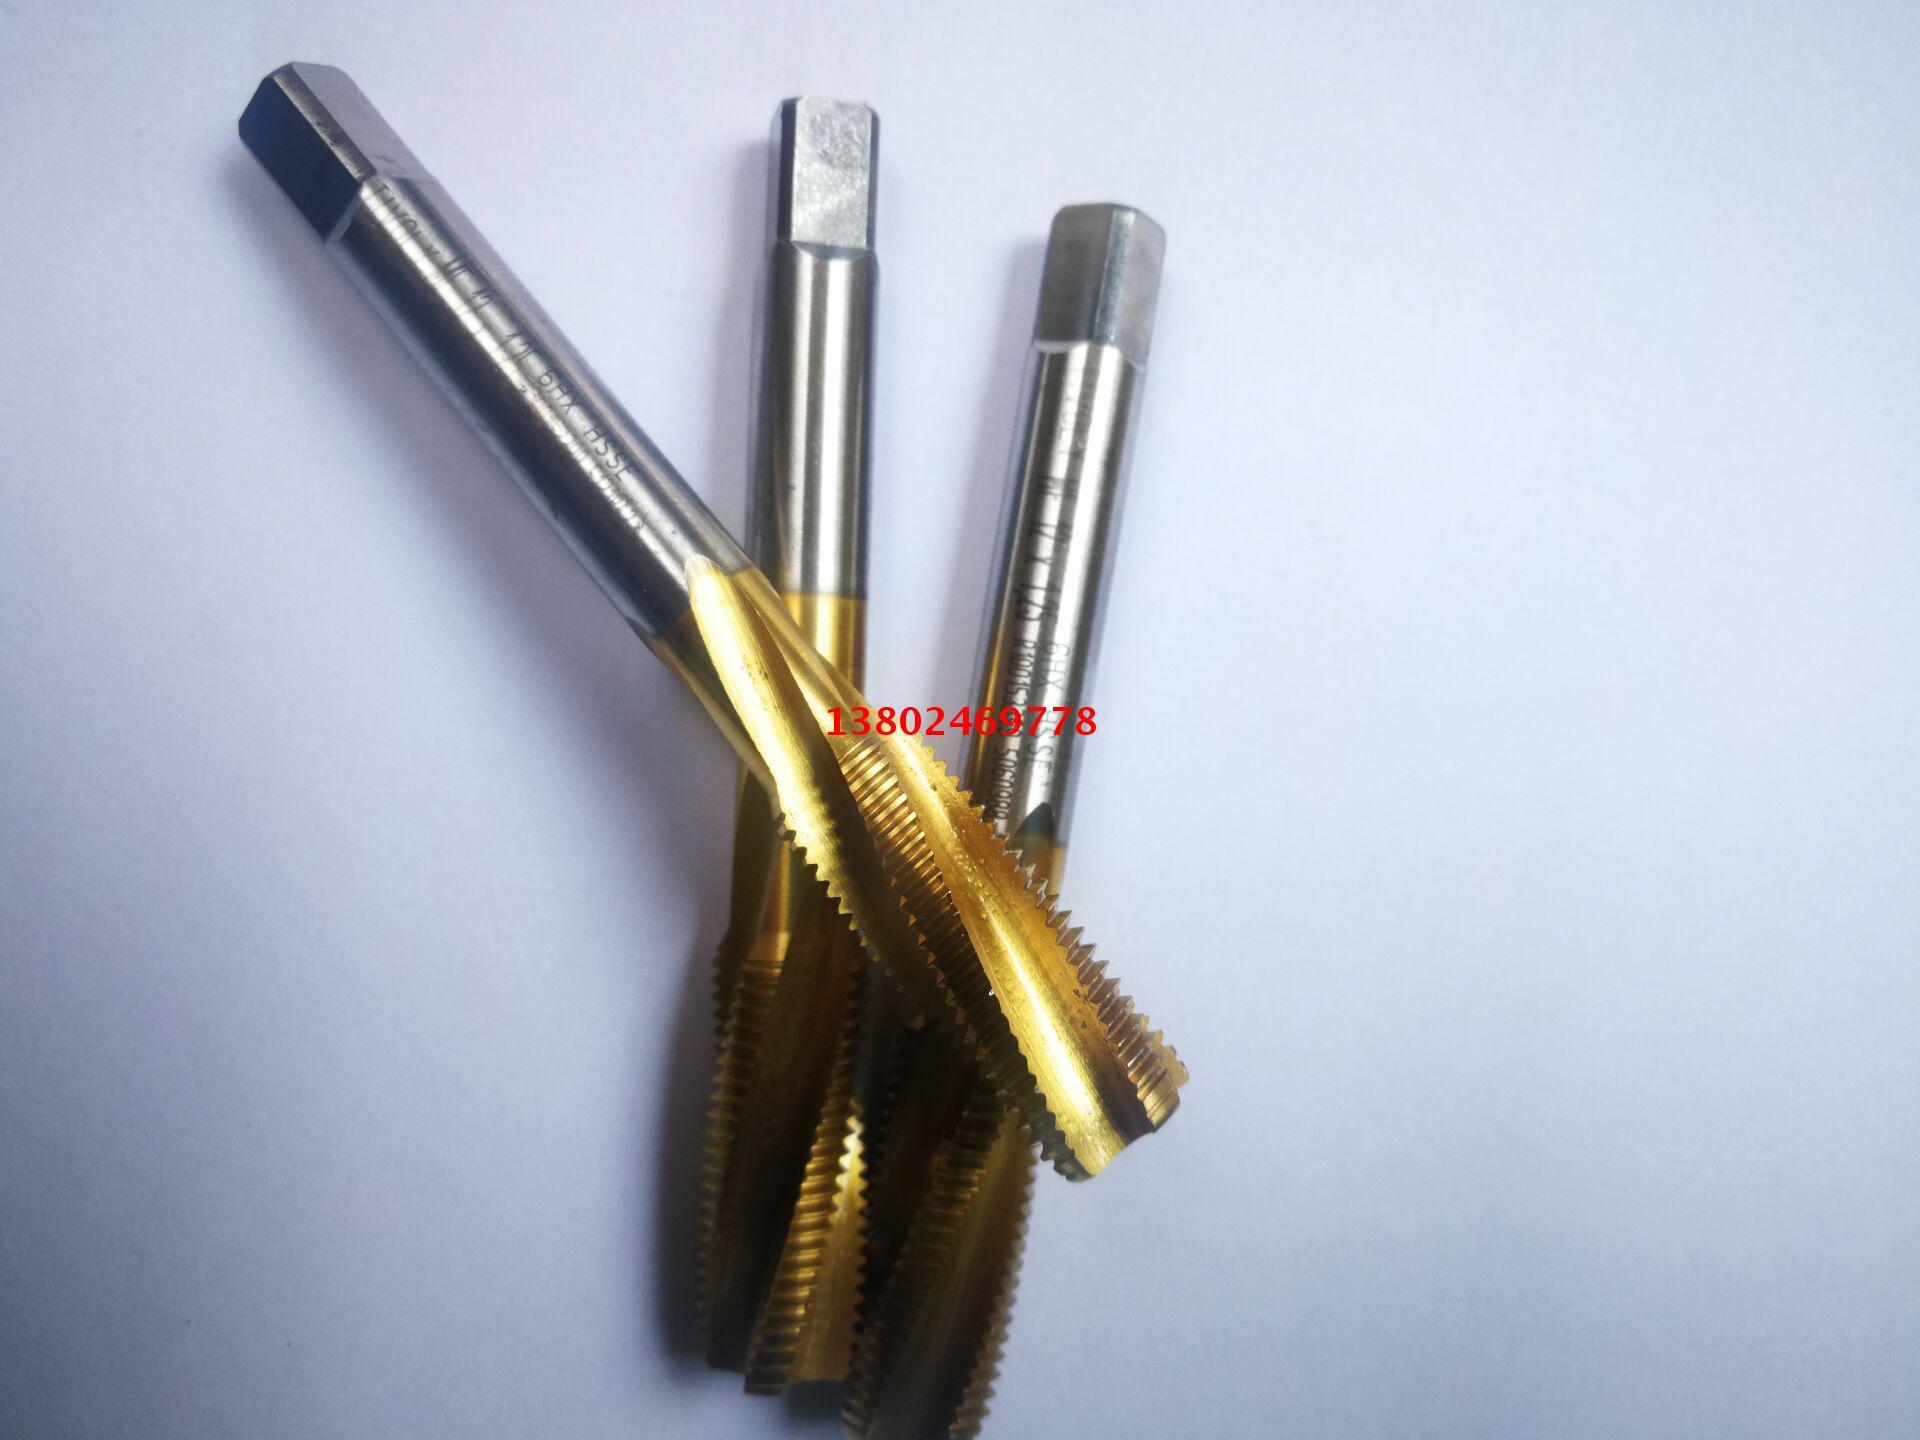 Frankreich importiert TIVOLY Titan - Kobalt - gebrauchte spirale der TAP M12*1.25 MIT Edelstahl - armaturen